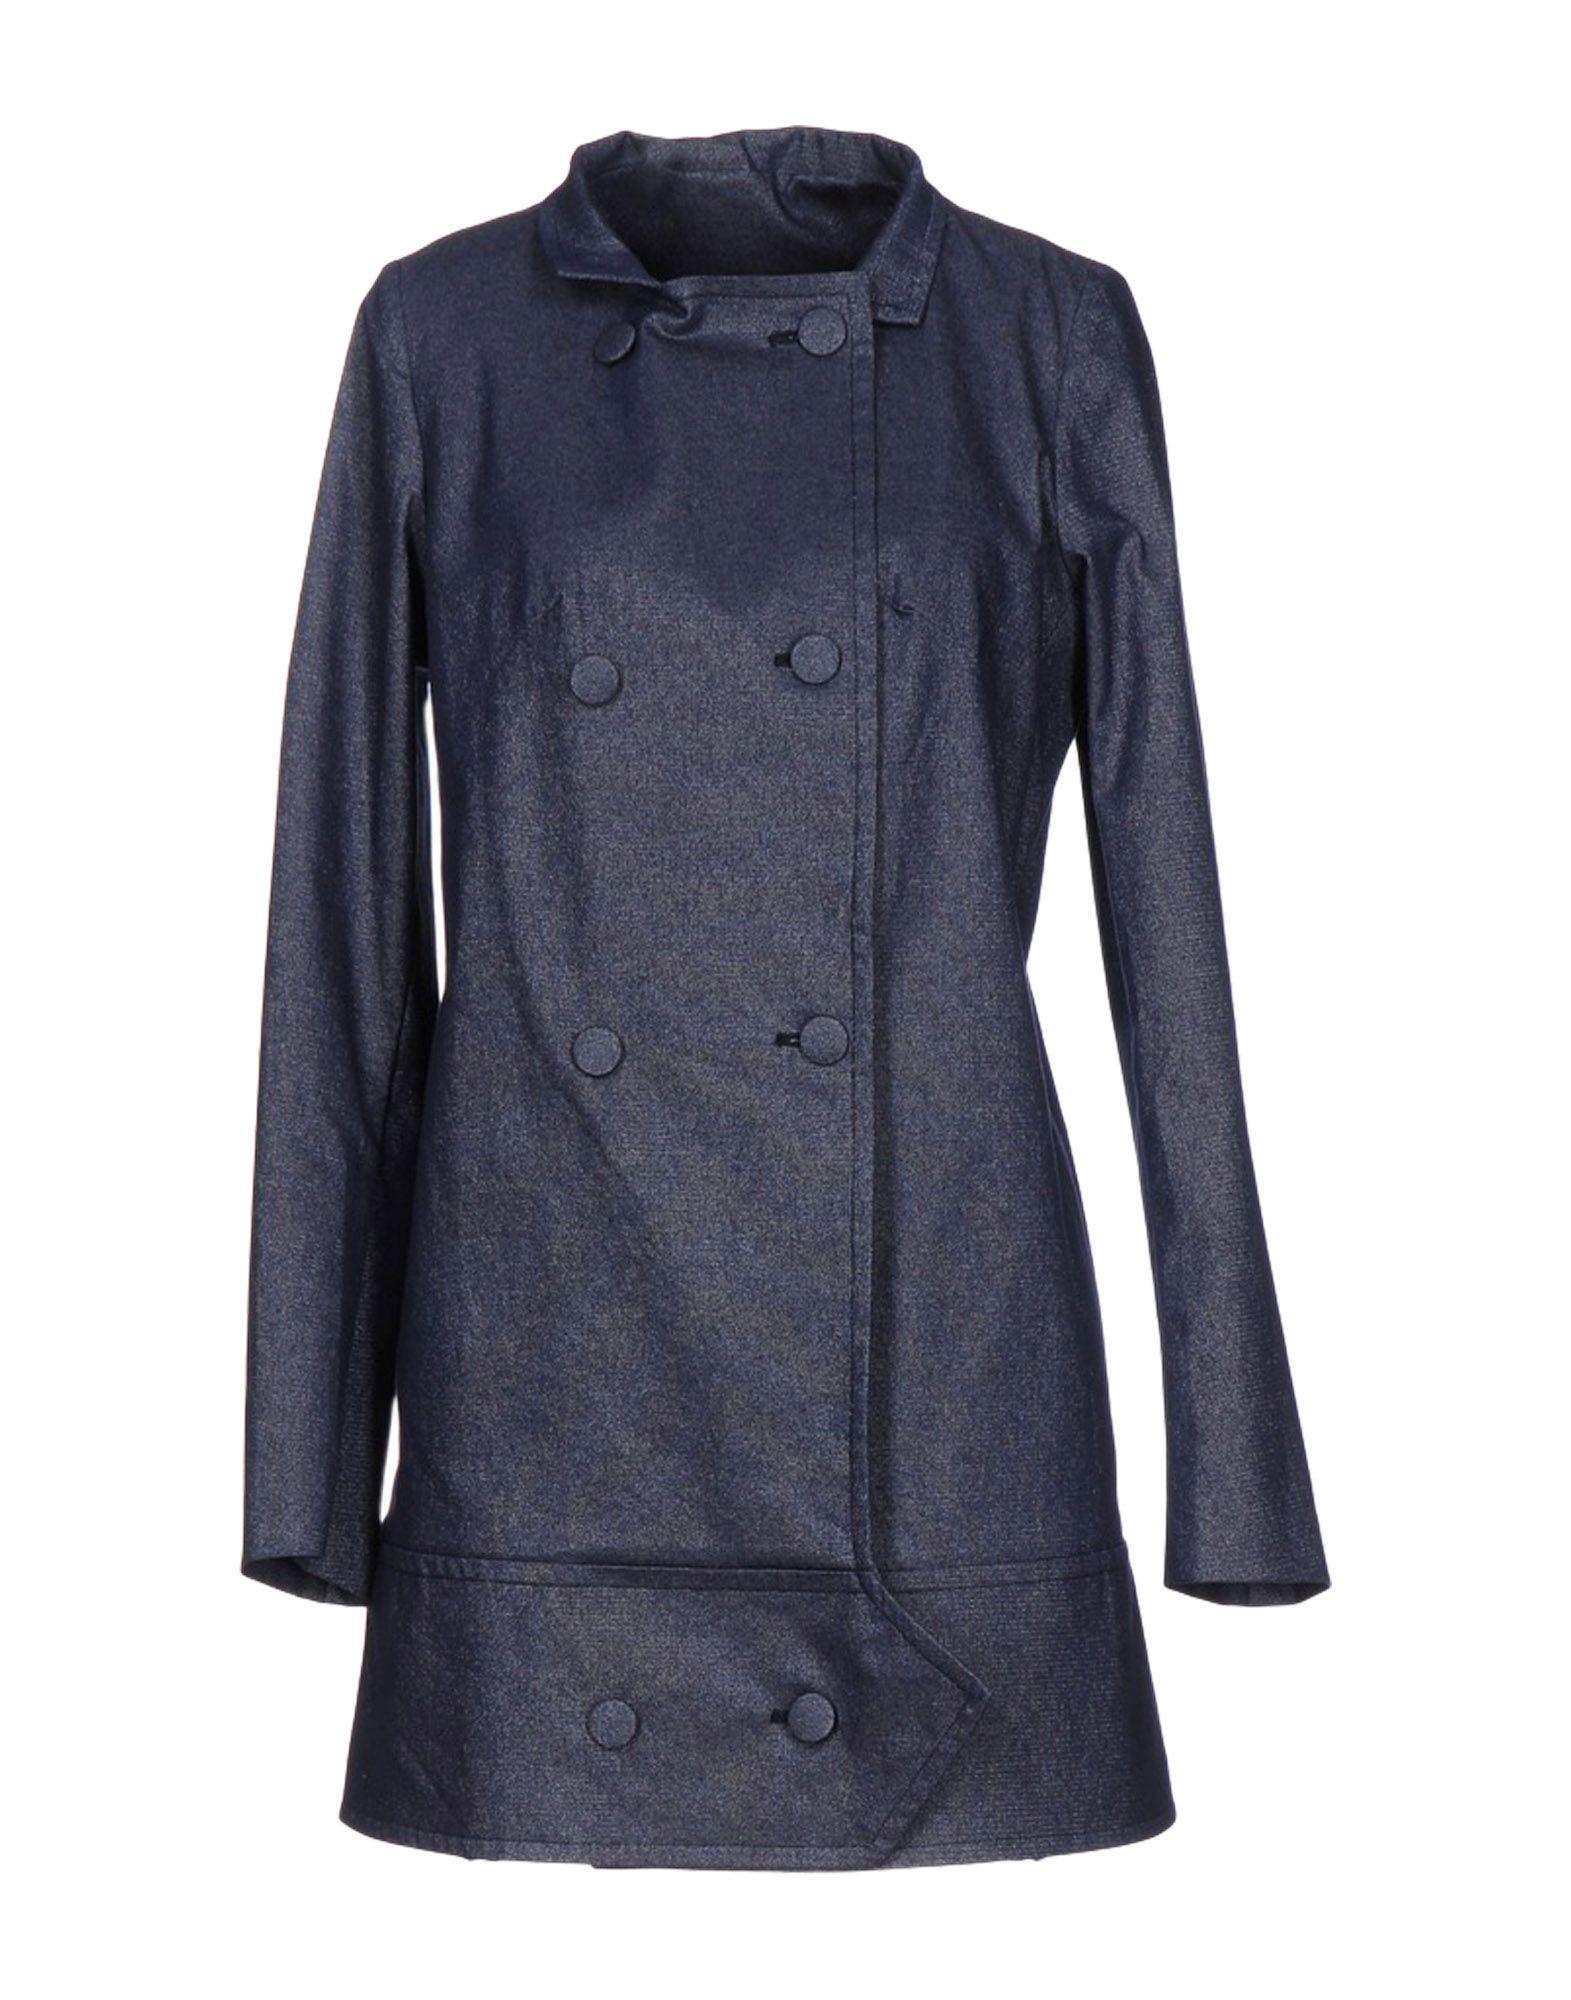 hōsio джинсовая верхняя одежда ULTRA'CHIC Джинсовая верхняя одежда